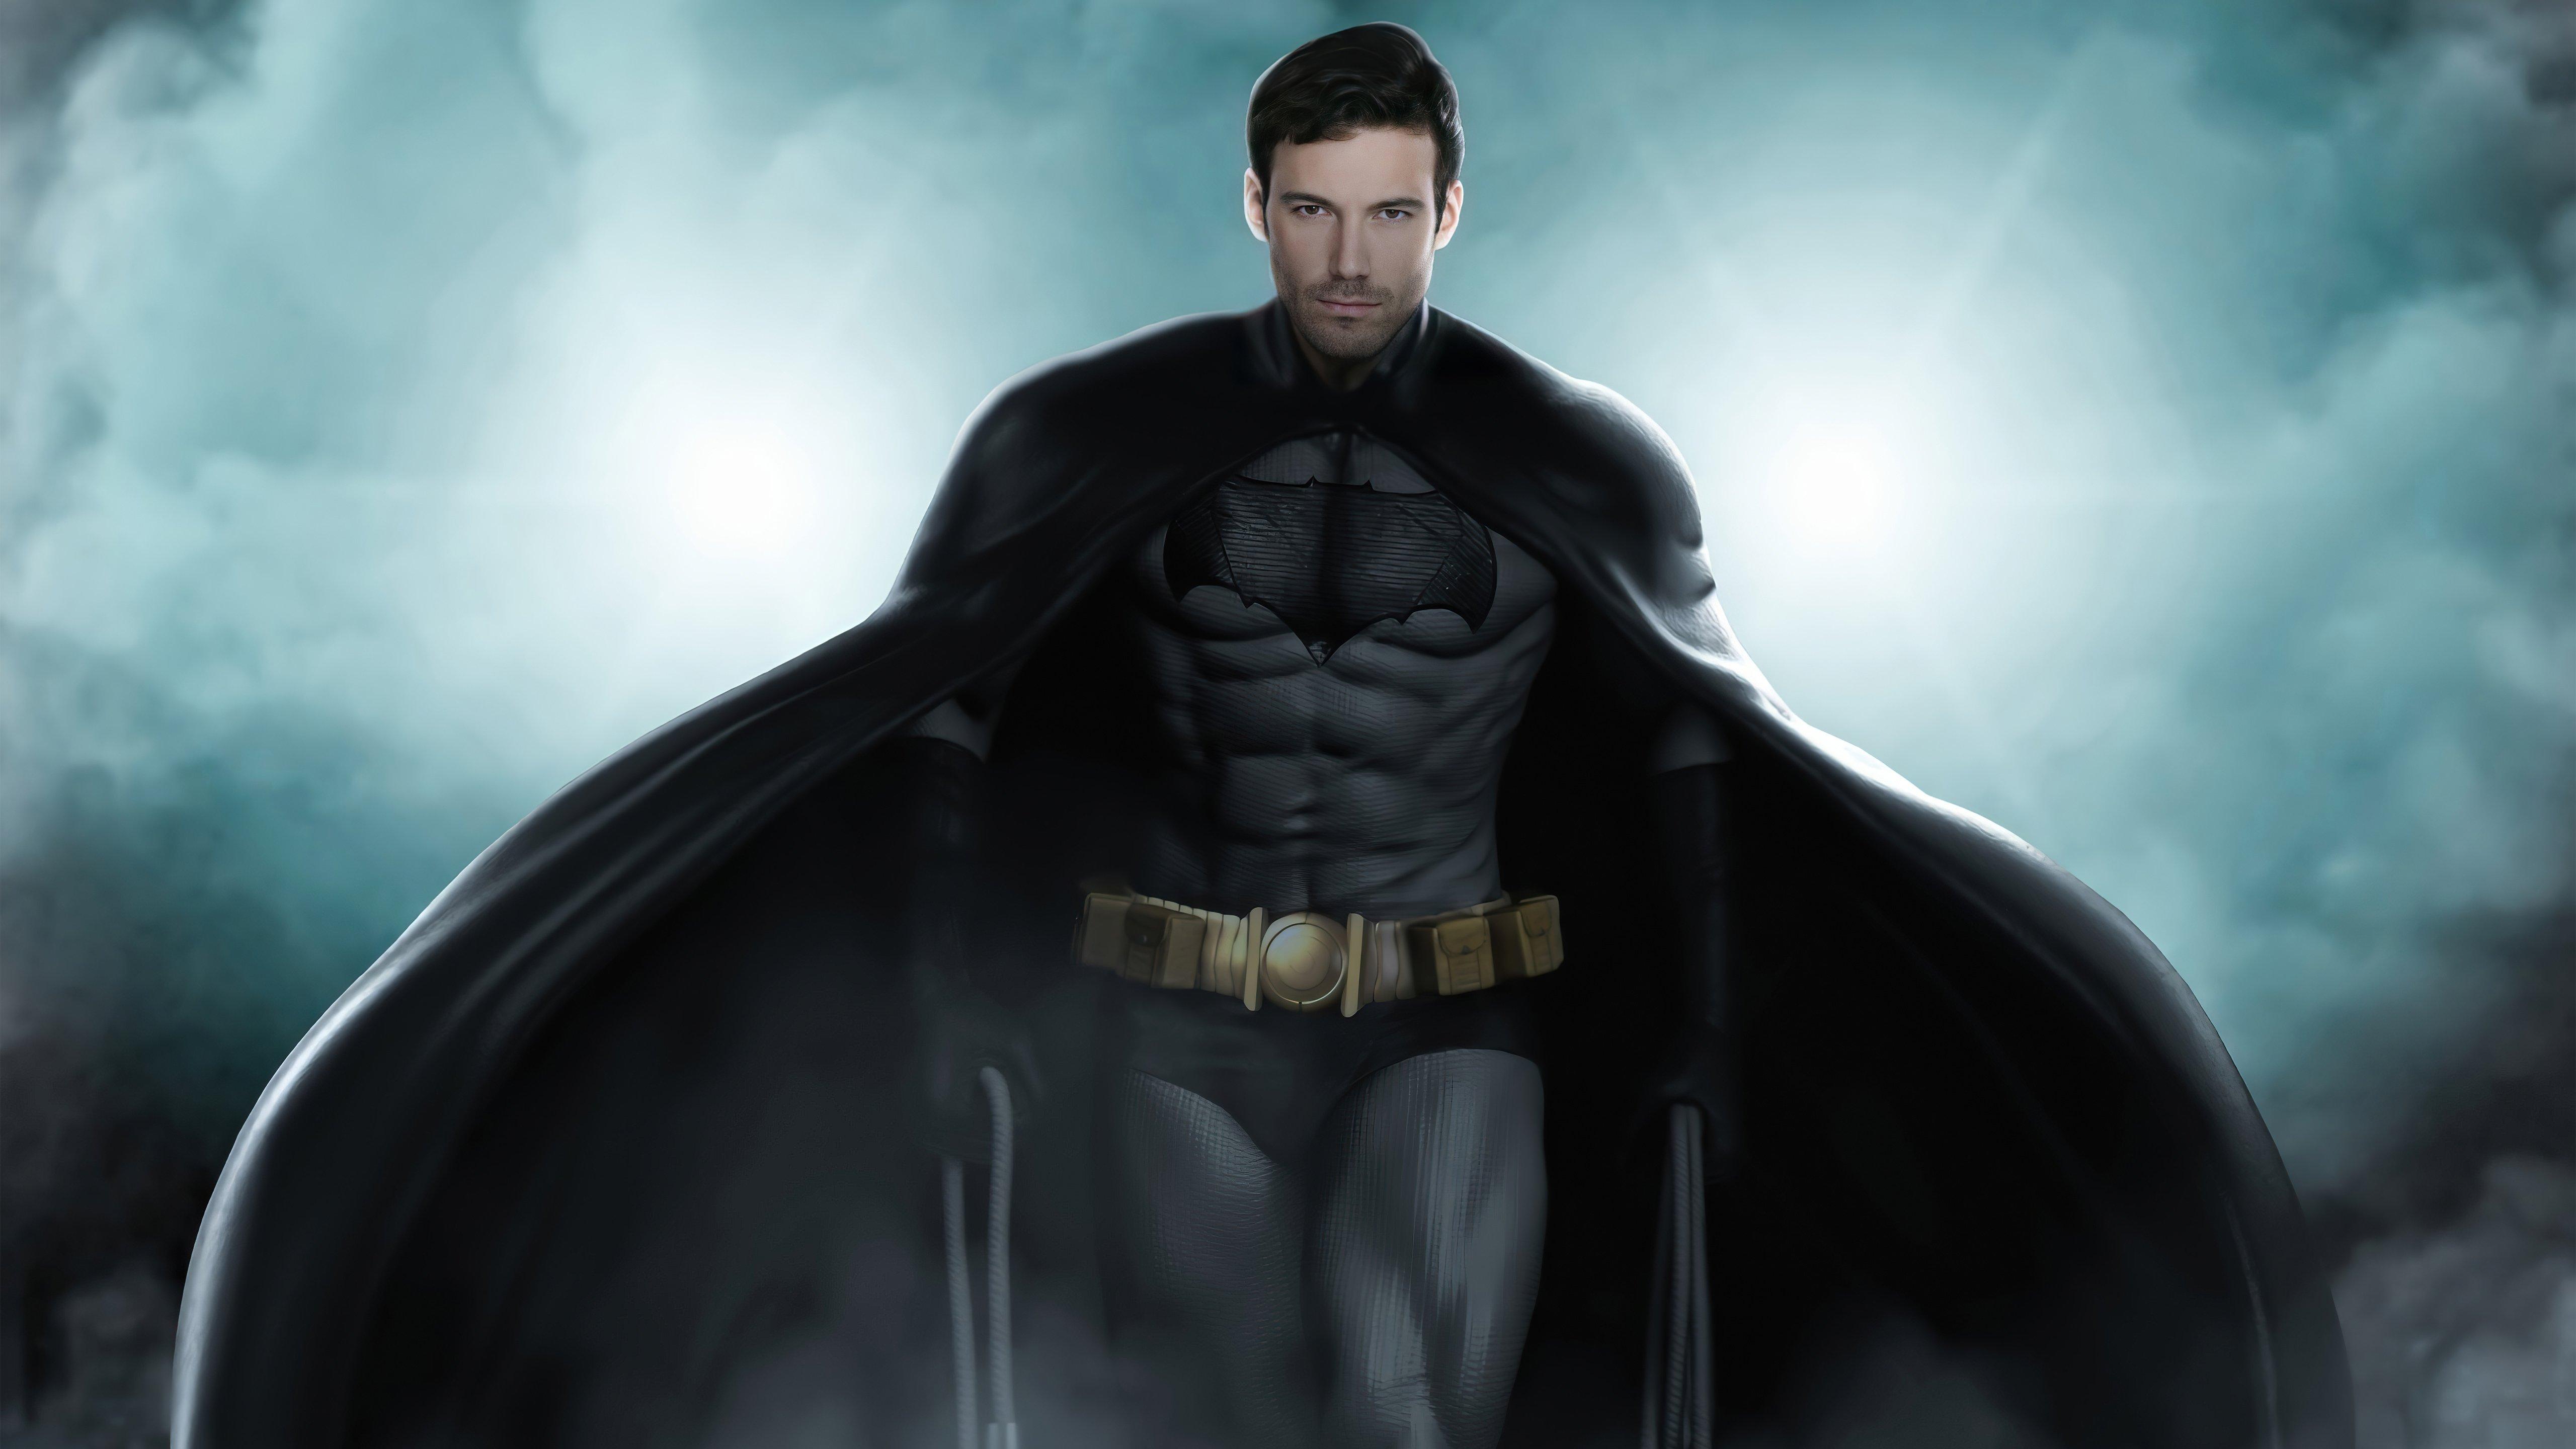 Fondos de pantalla Joven Ben Affleck como Batman